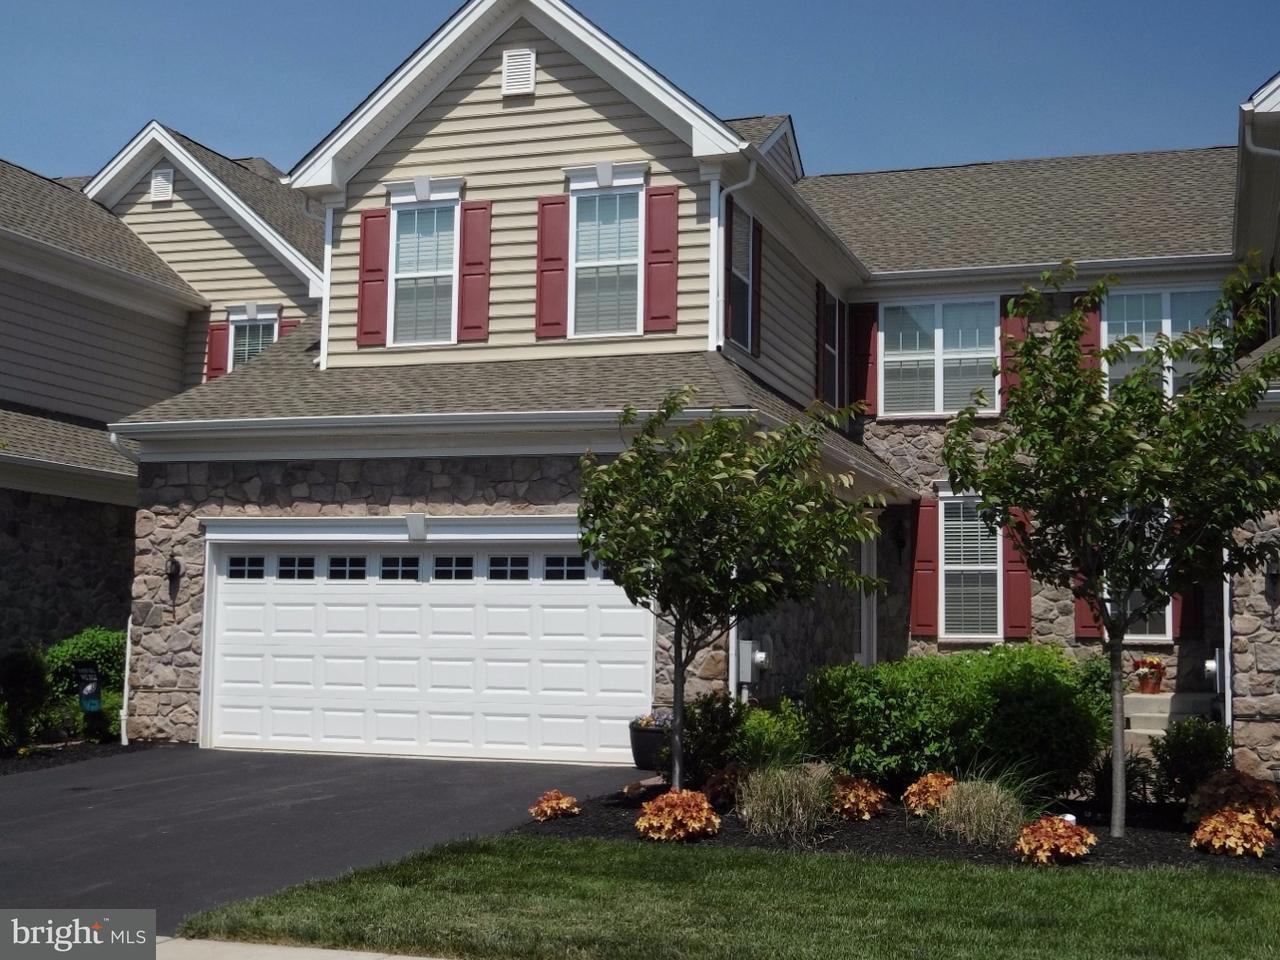 Casa unifamiliar adosada (Townhouse) por un Alquiler en 222 HOPEWELL Drive Collegeville, Pennsylvania 19426 Estados Unidos